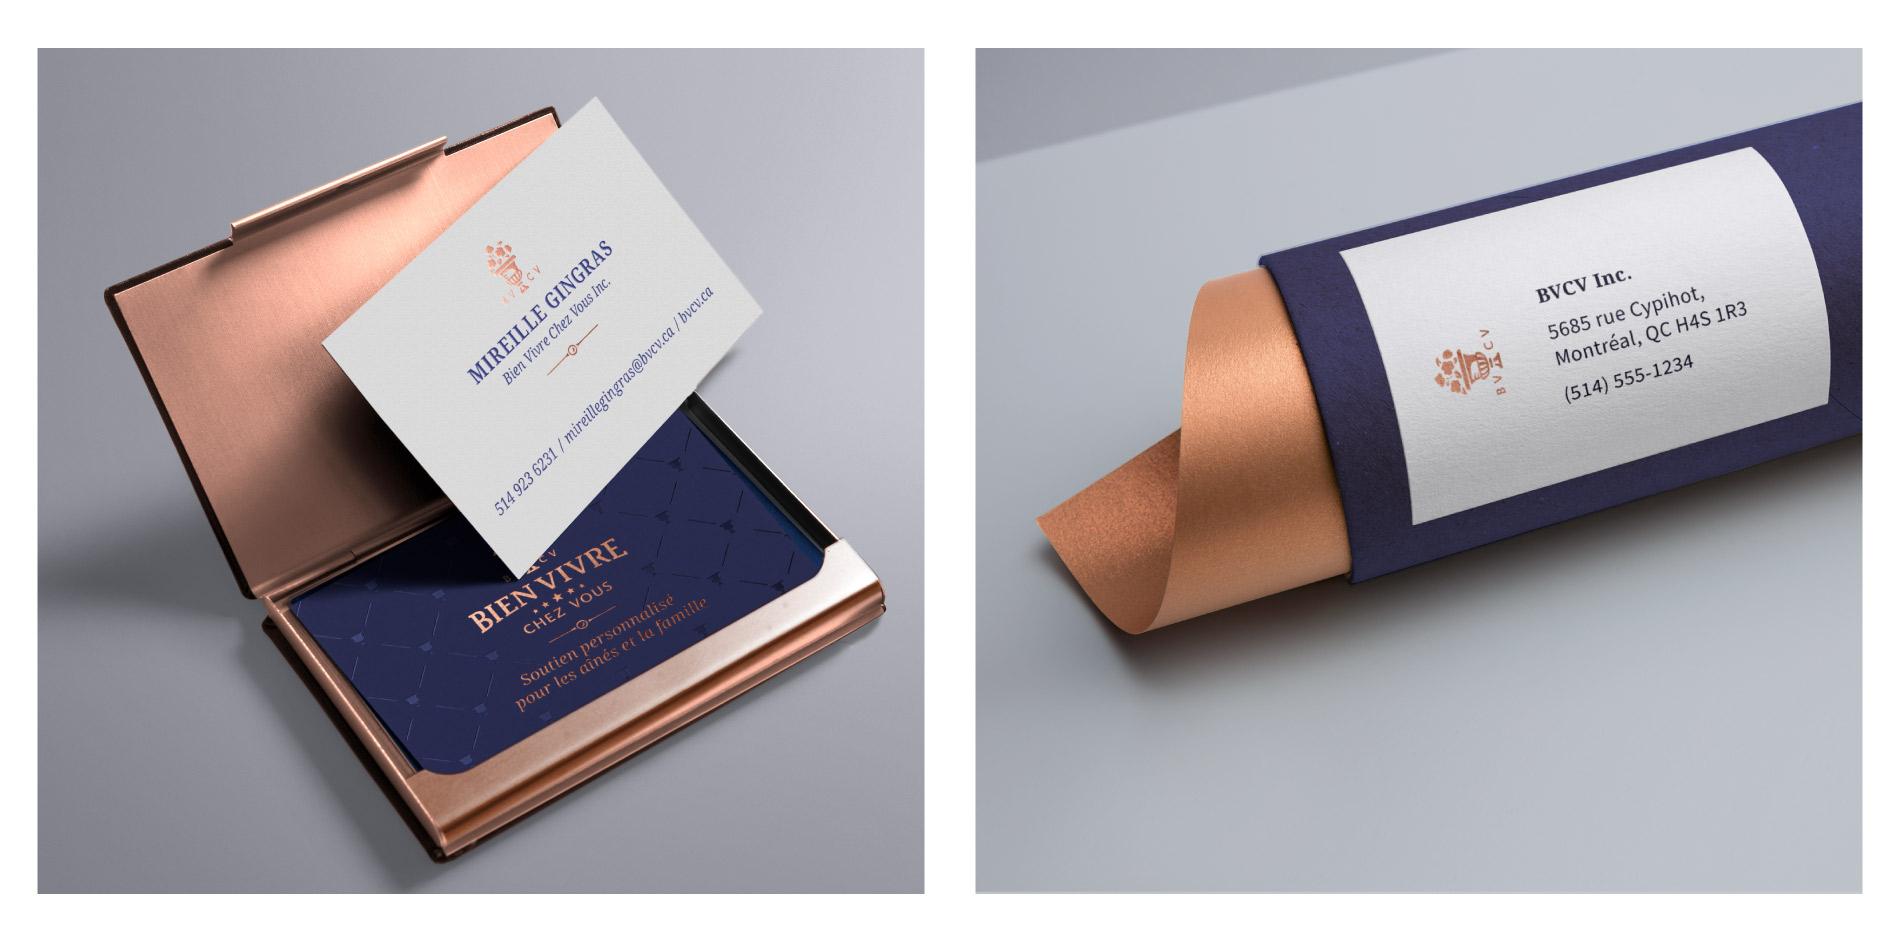 Senior home care service business card design